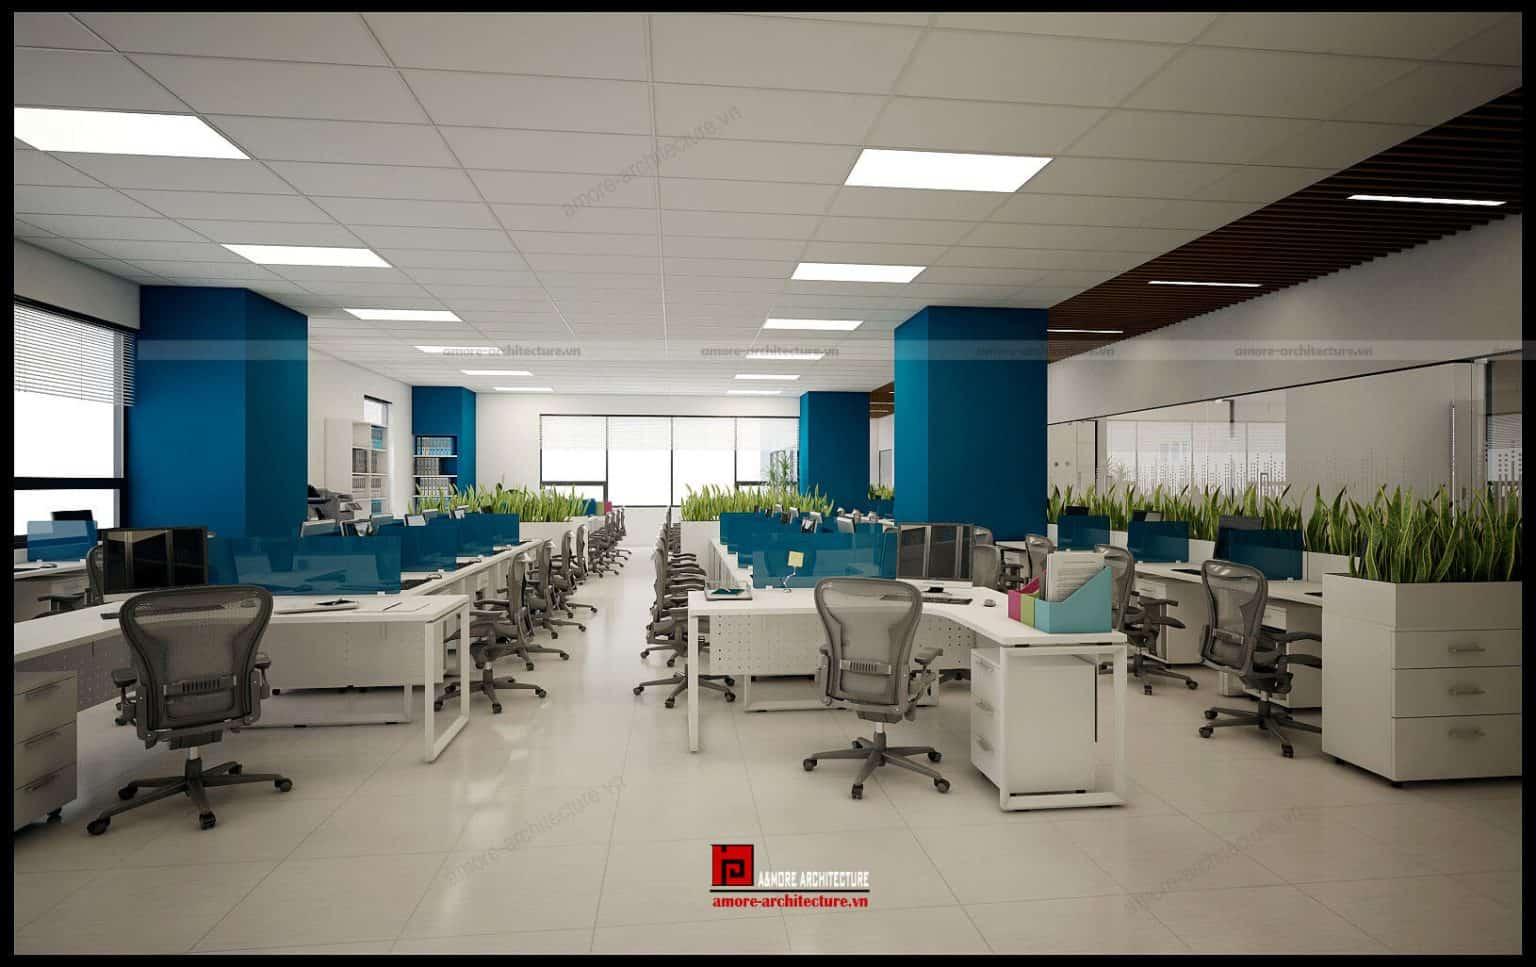 tiêu chuẩn thiết kế văn phòng m2 người